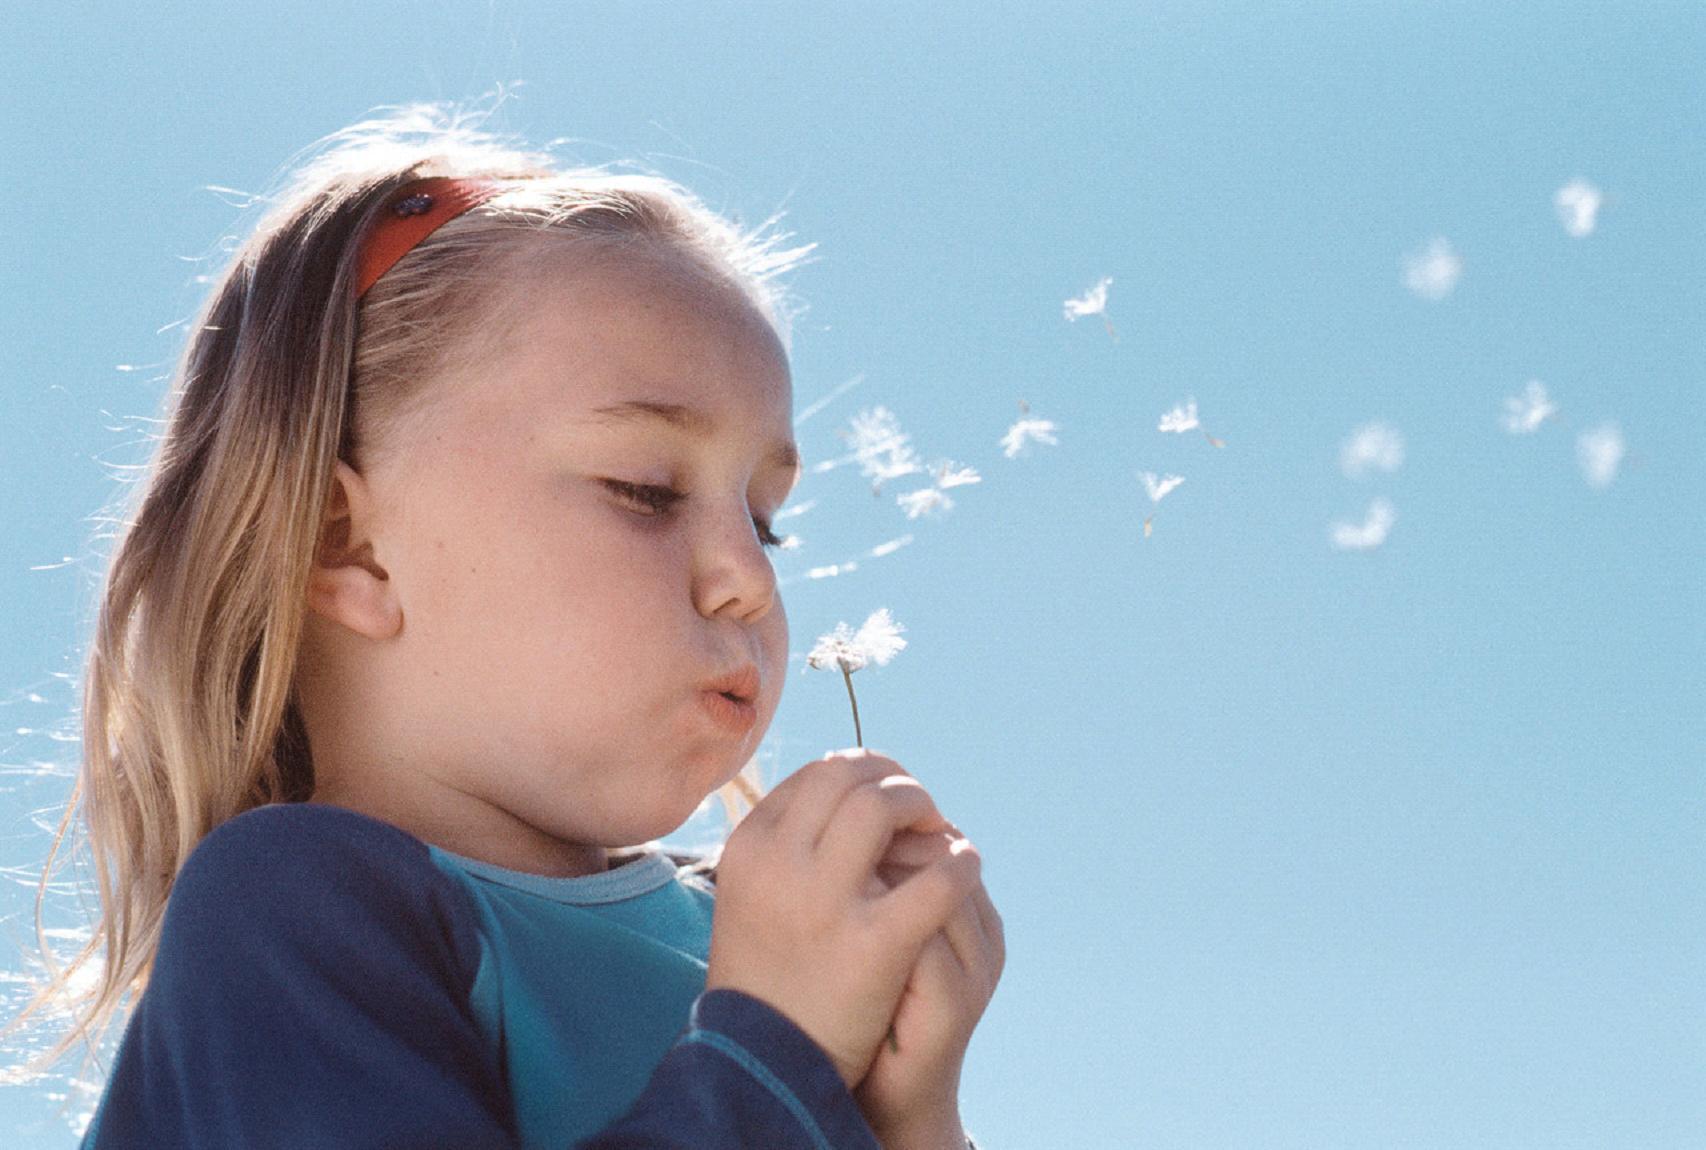 le-funzioni-orali-nei-bambini-come-monitorarle-per-prevenire-problemi-ortodontici-parte1